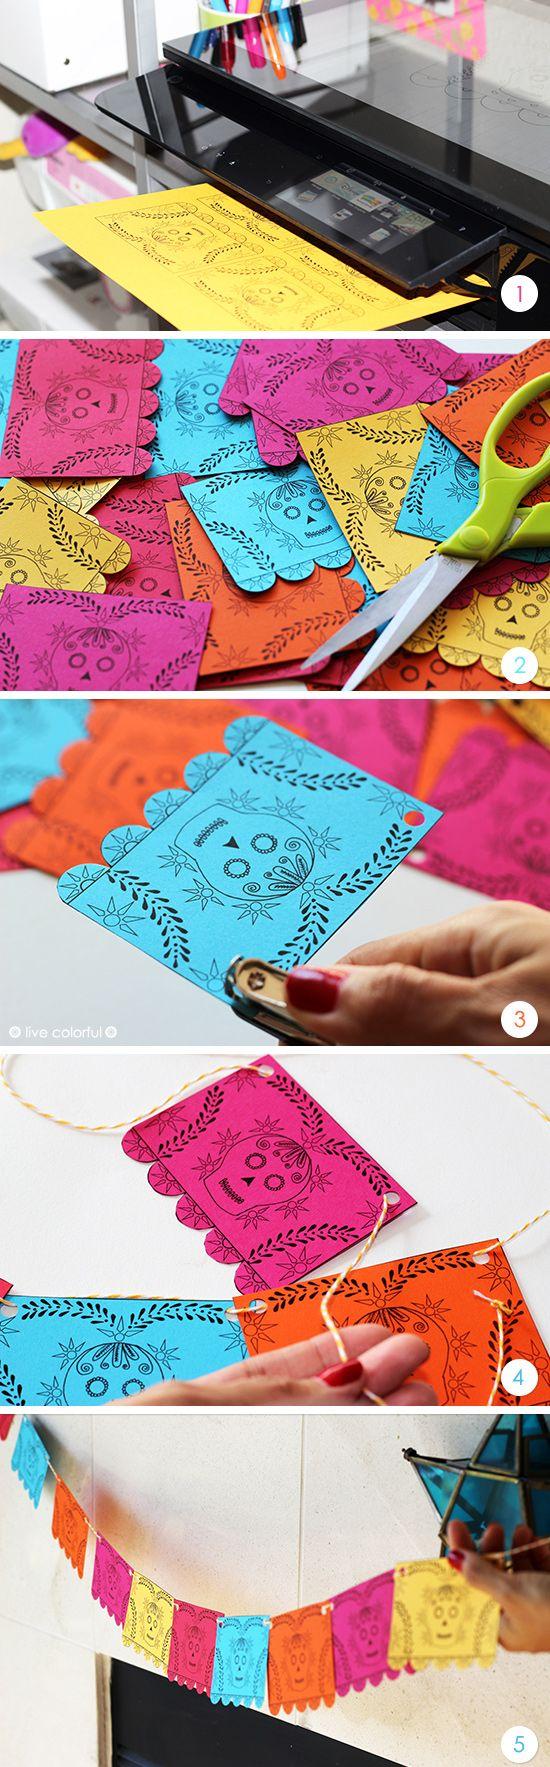 Haz una guirnalda con este imprimible mini papel picado y decora tu casa o el altar del Día de los Muertos | LiveColorful.com